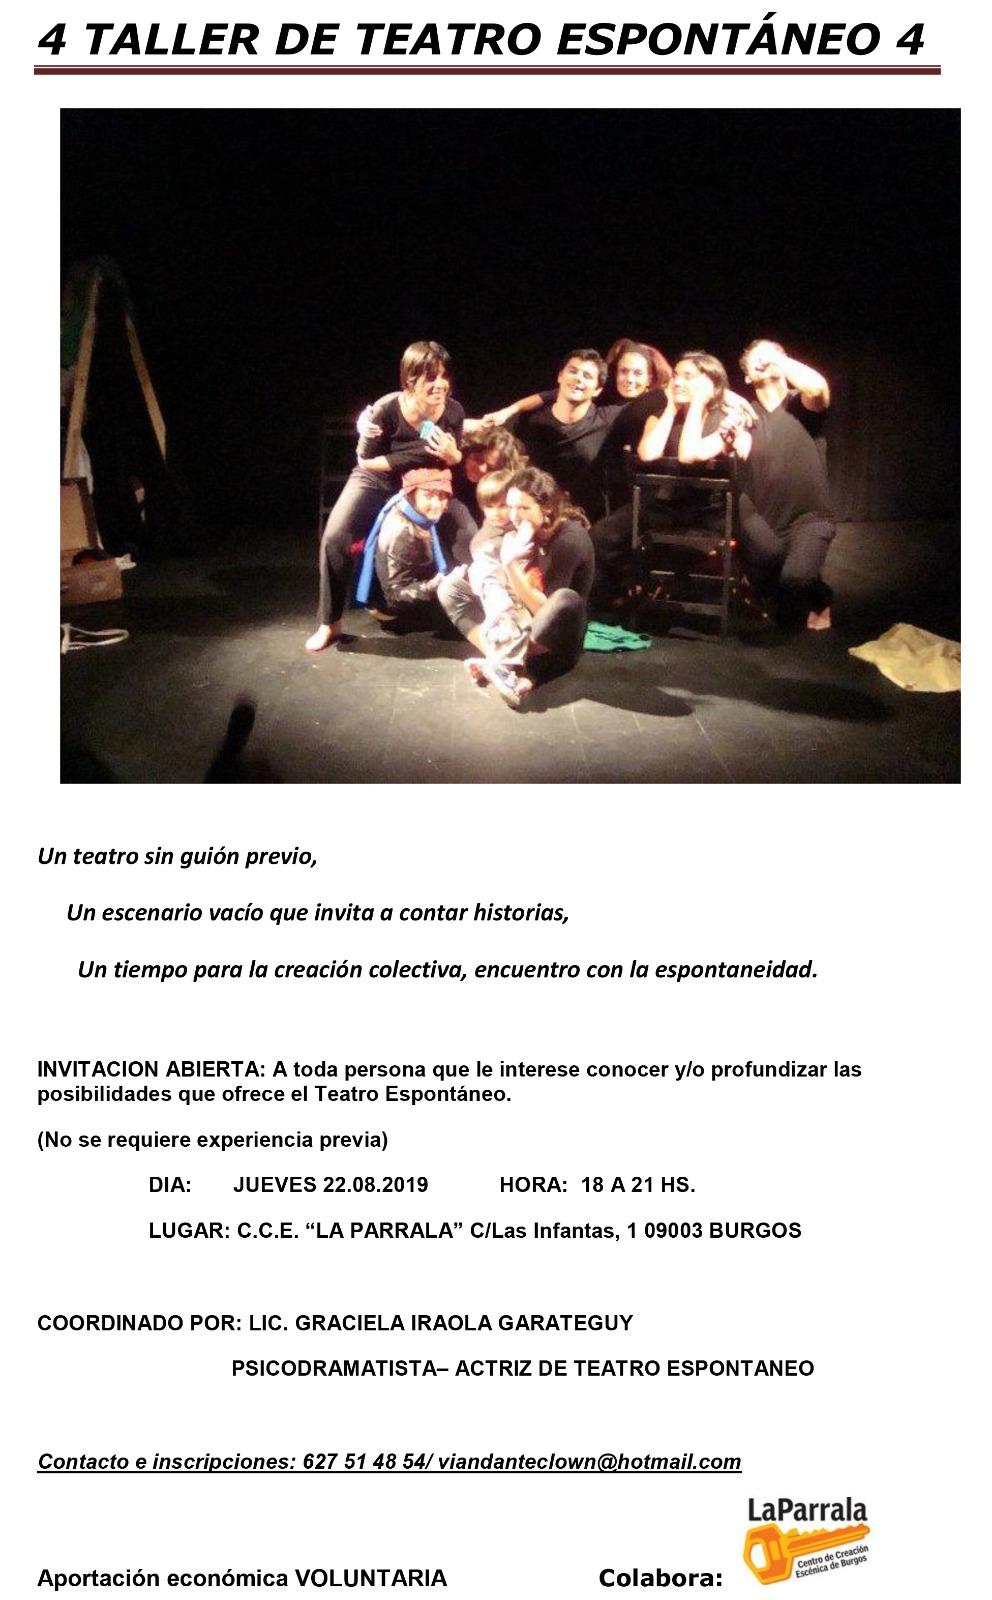 4 taller de teatro espontáneo